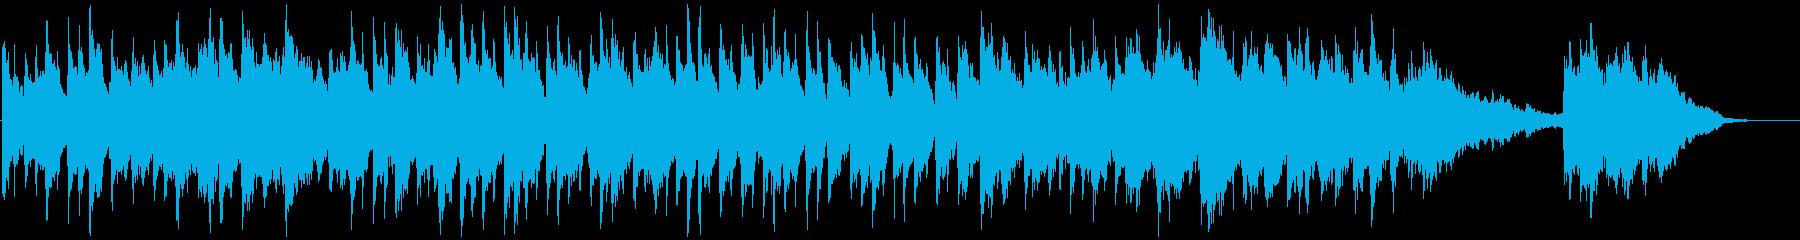 Intersectionsの再生済みの波形